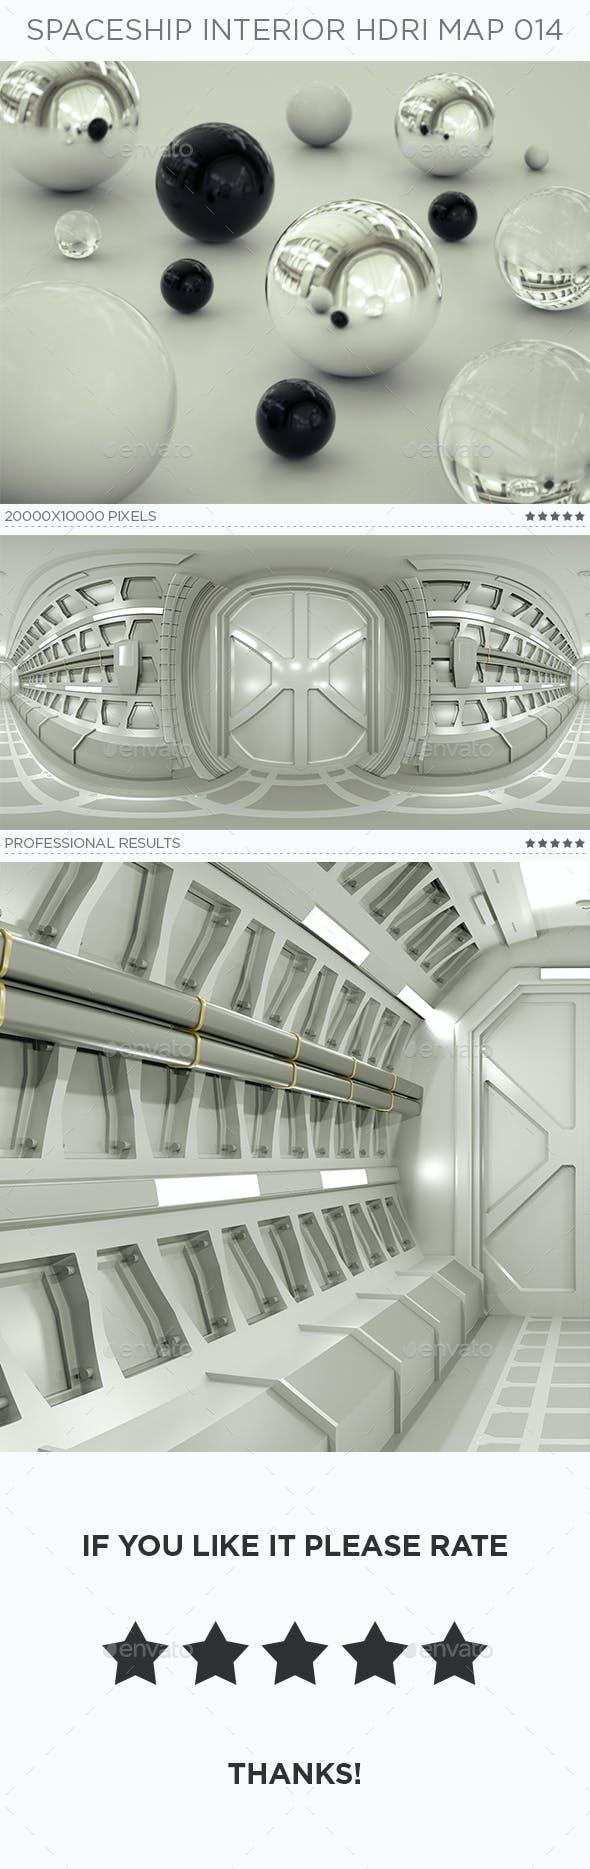 Spaceship Interior HDRi Map 014 - 3DOcean Item for Sale